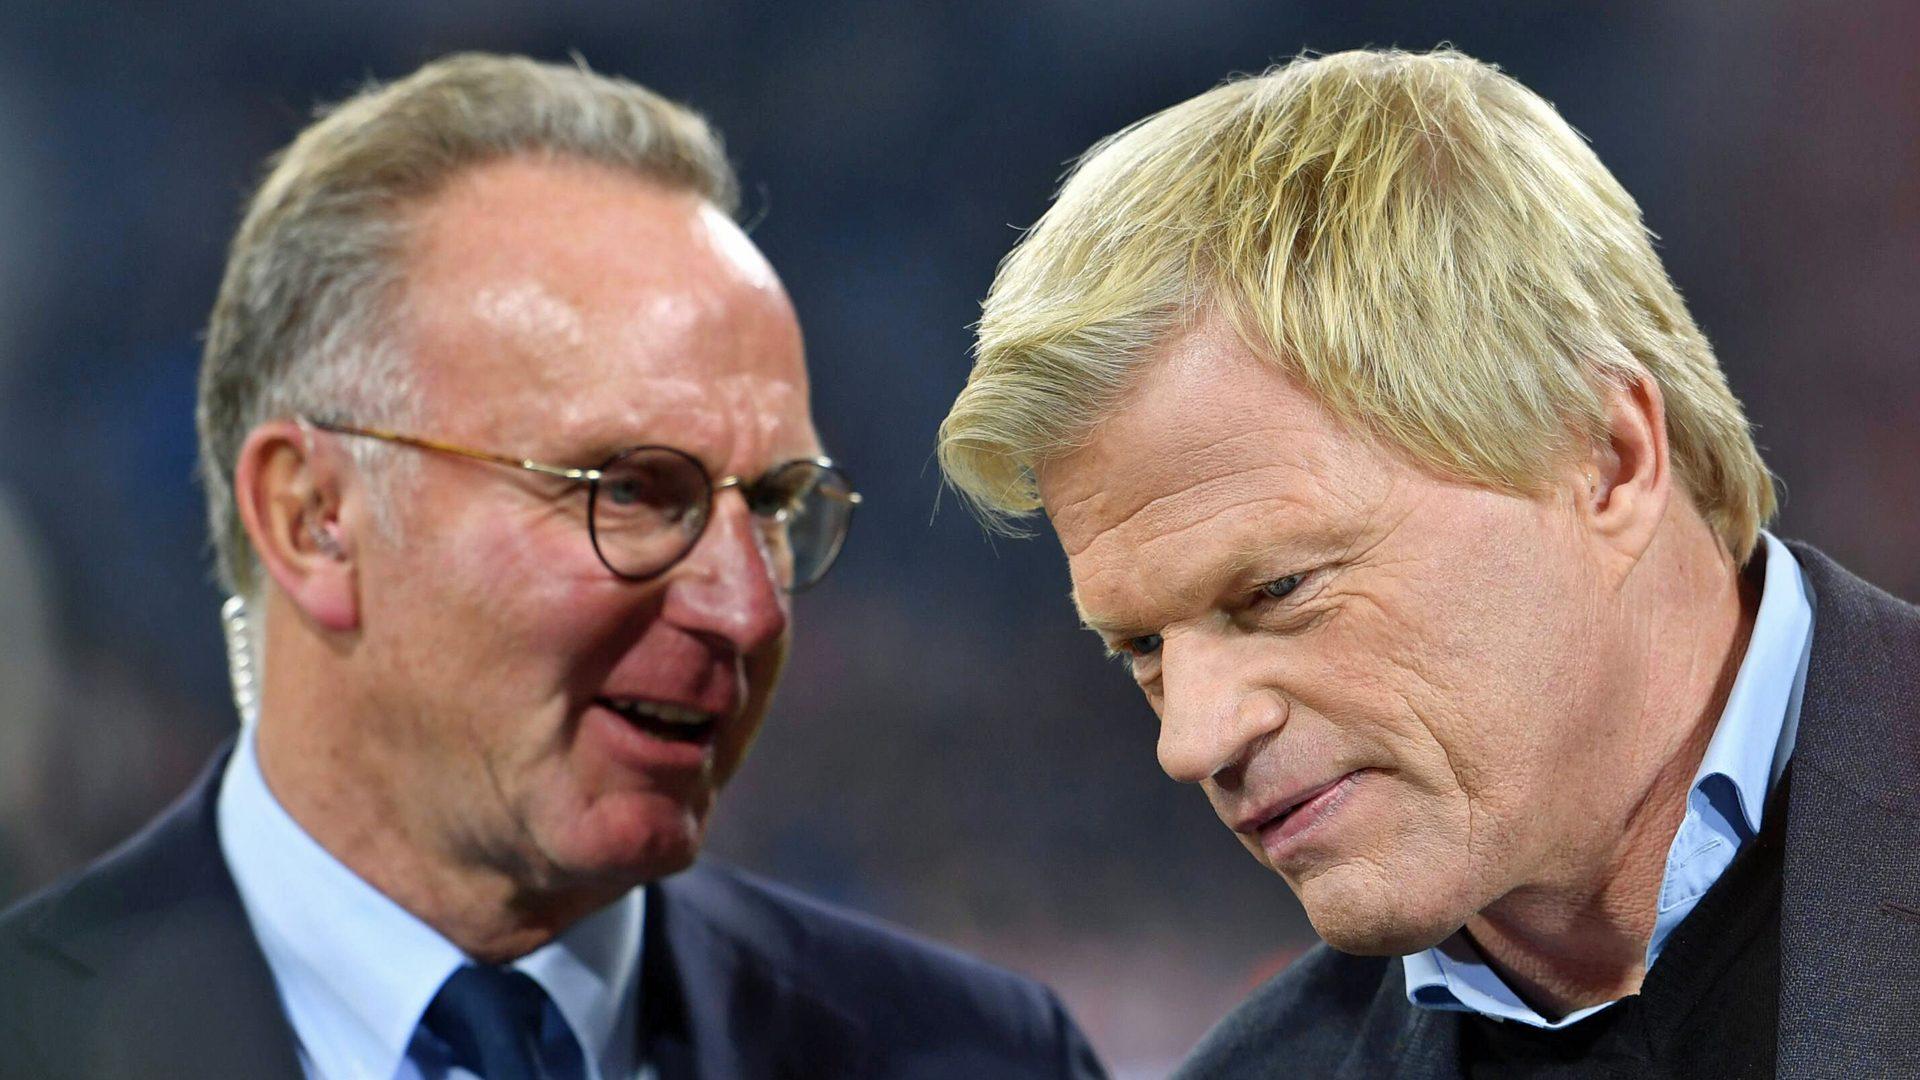 CHÍNH THỨC! Karl-Heinz Rummenigge thôi giữ chức CEO Bayern Munich - Bóng Đá